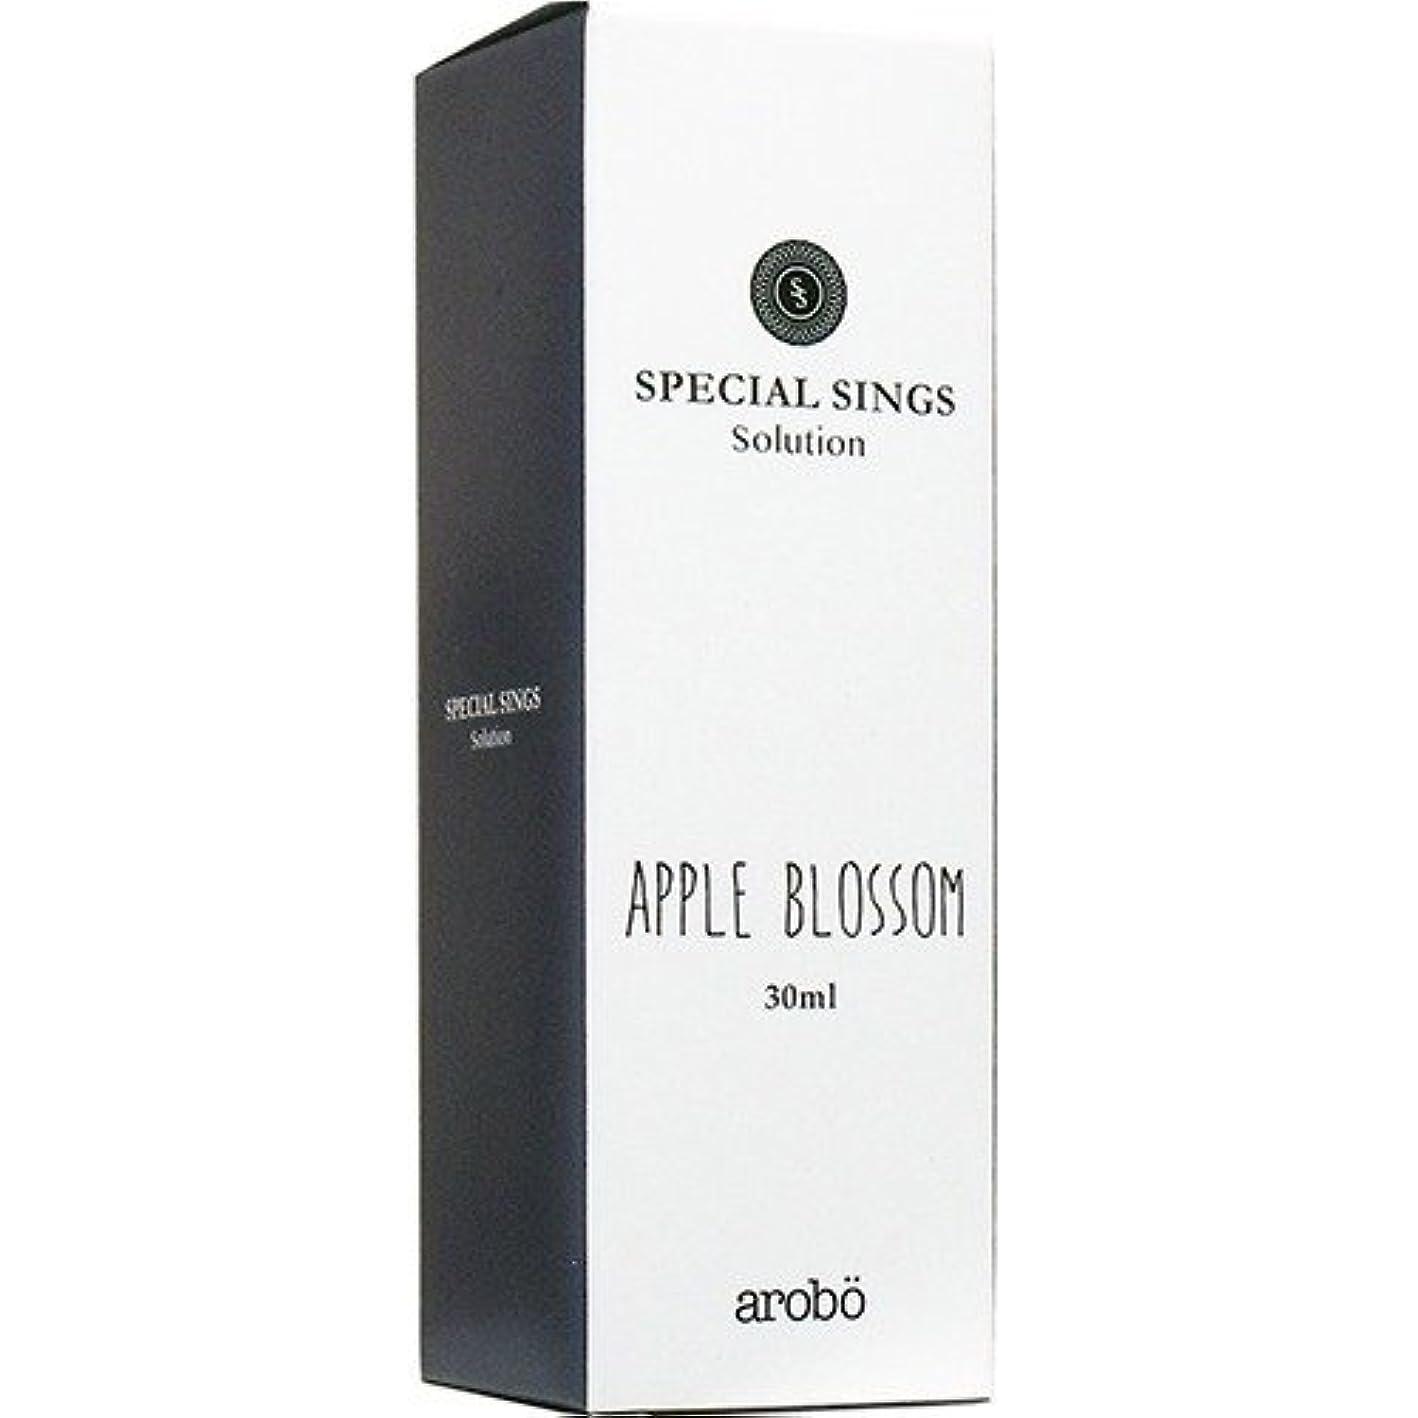 手つかずのフィード可能性スペシャルシングス ソリューション CLV-833 アップルブロッサム 30ml